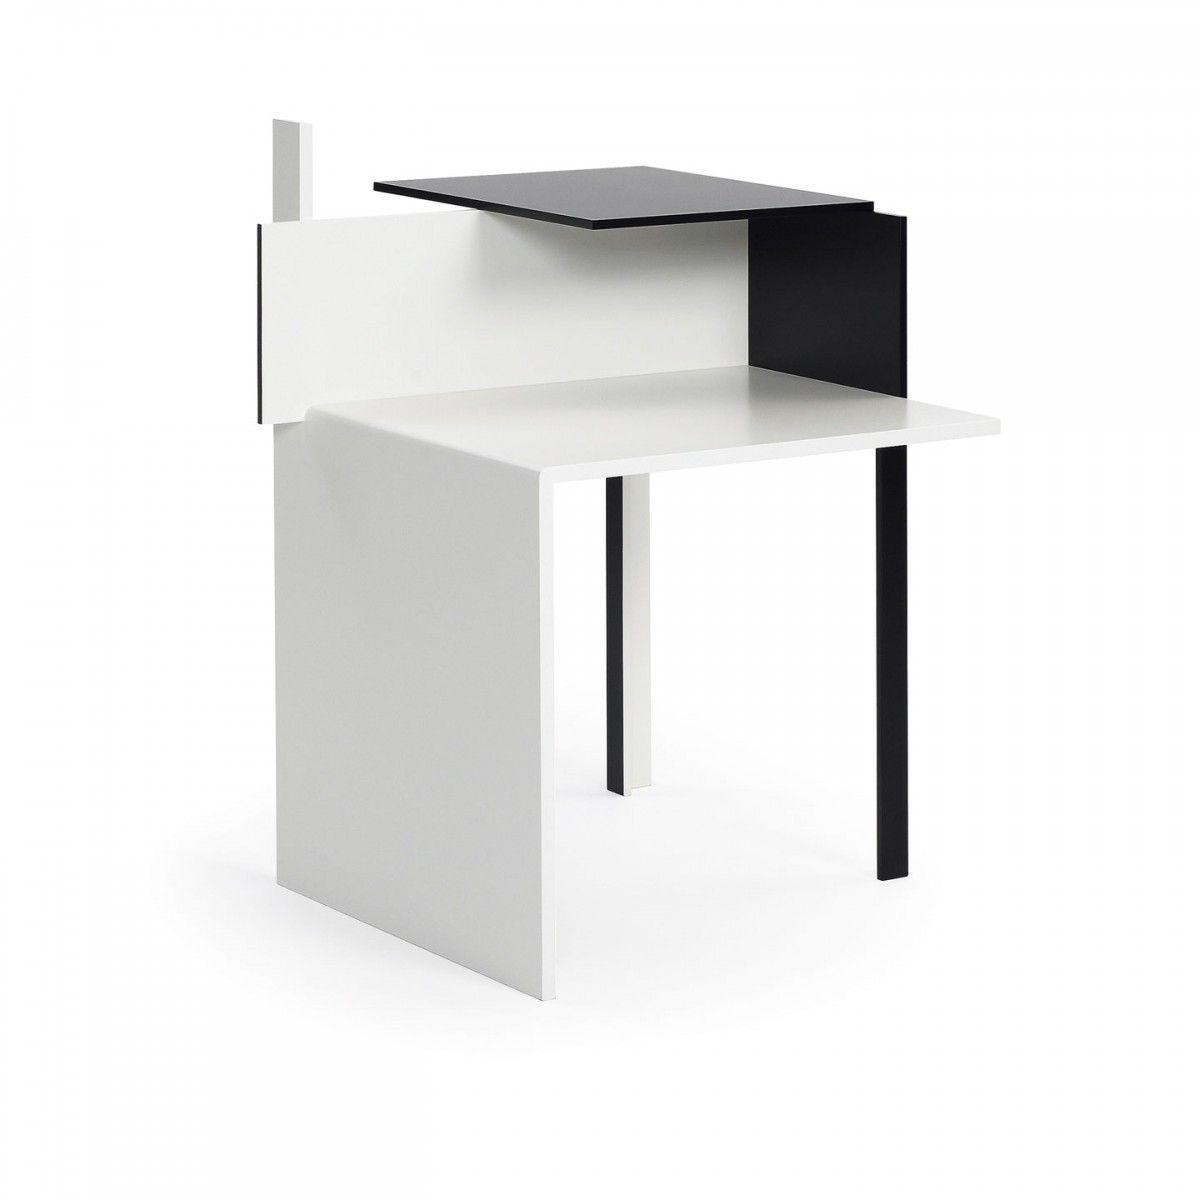 De Stijl table by Eileen Gray eileen gray